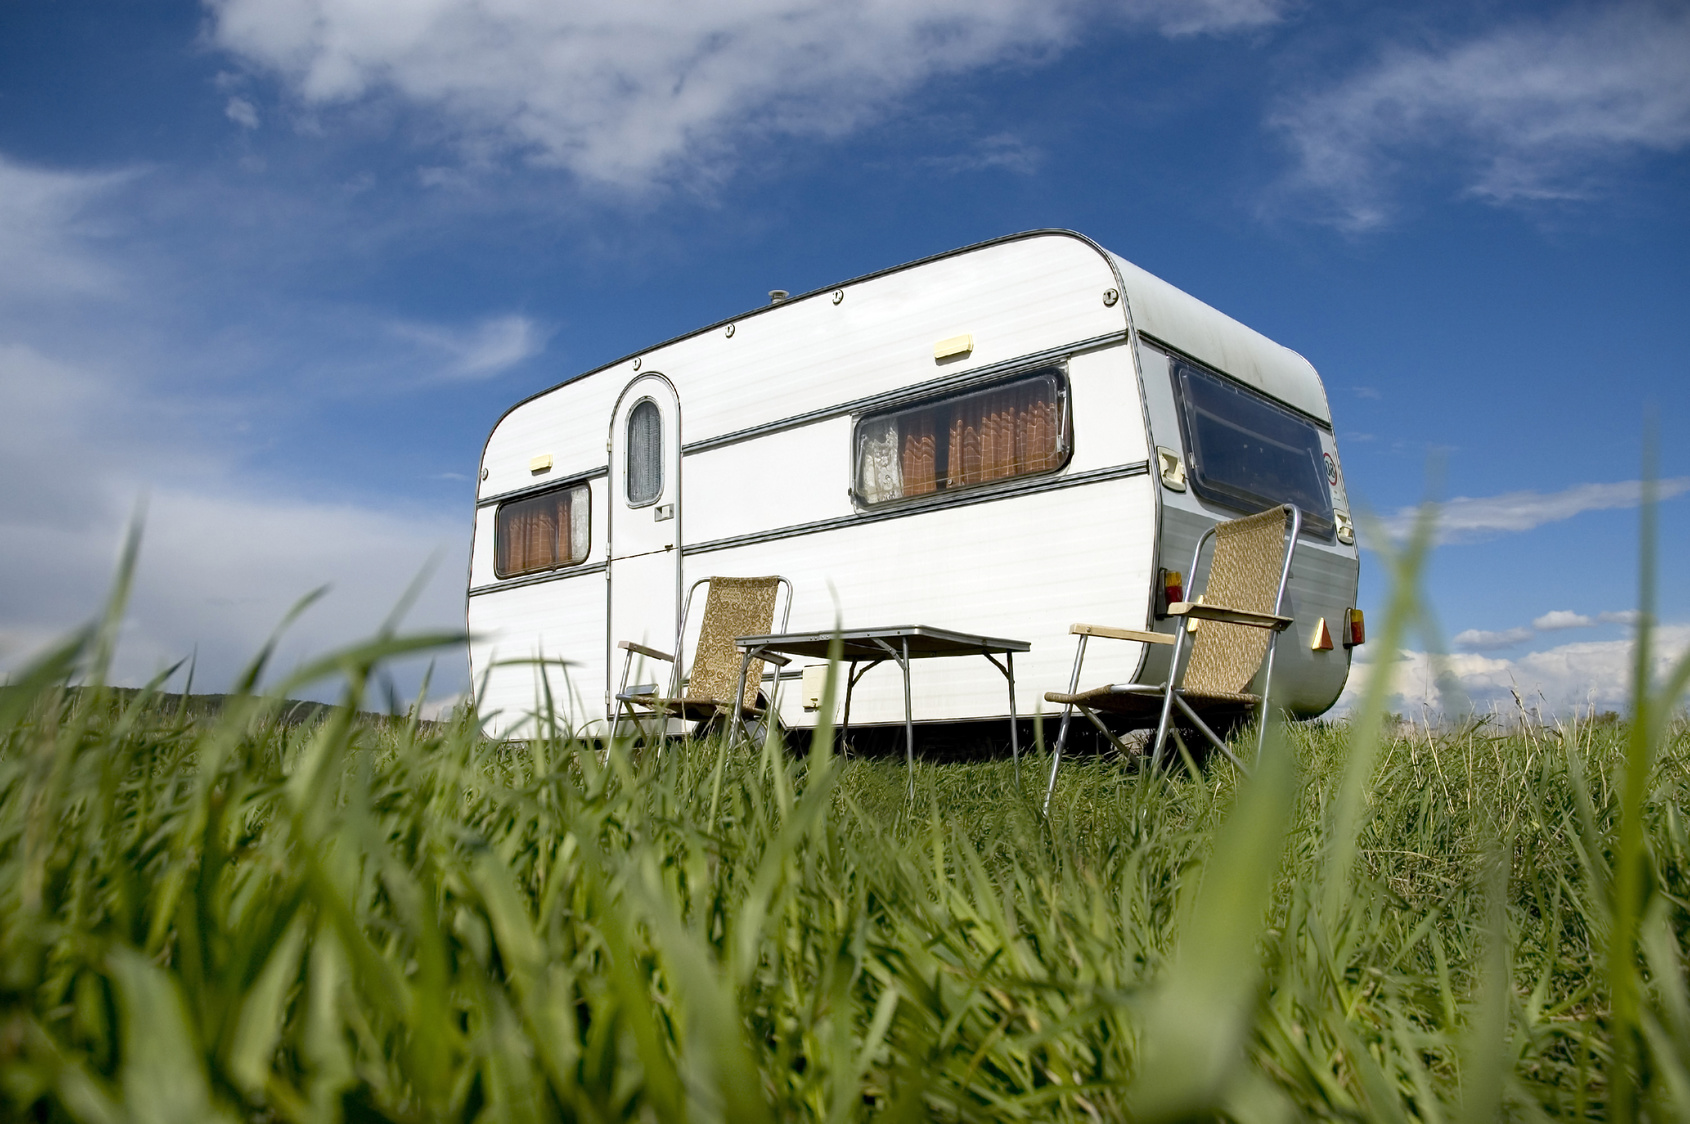 acheter ou louer une caravane quelques suggestions avant l 39 t. Black Bedroom Furniture Sets. Home Design Ideas